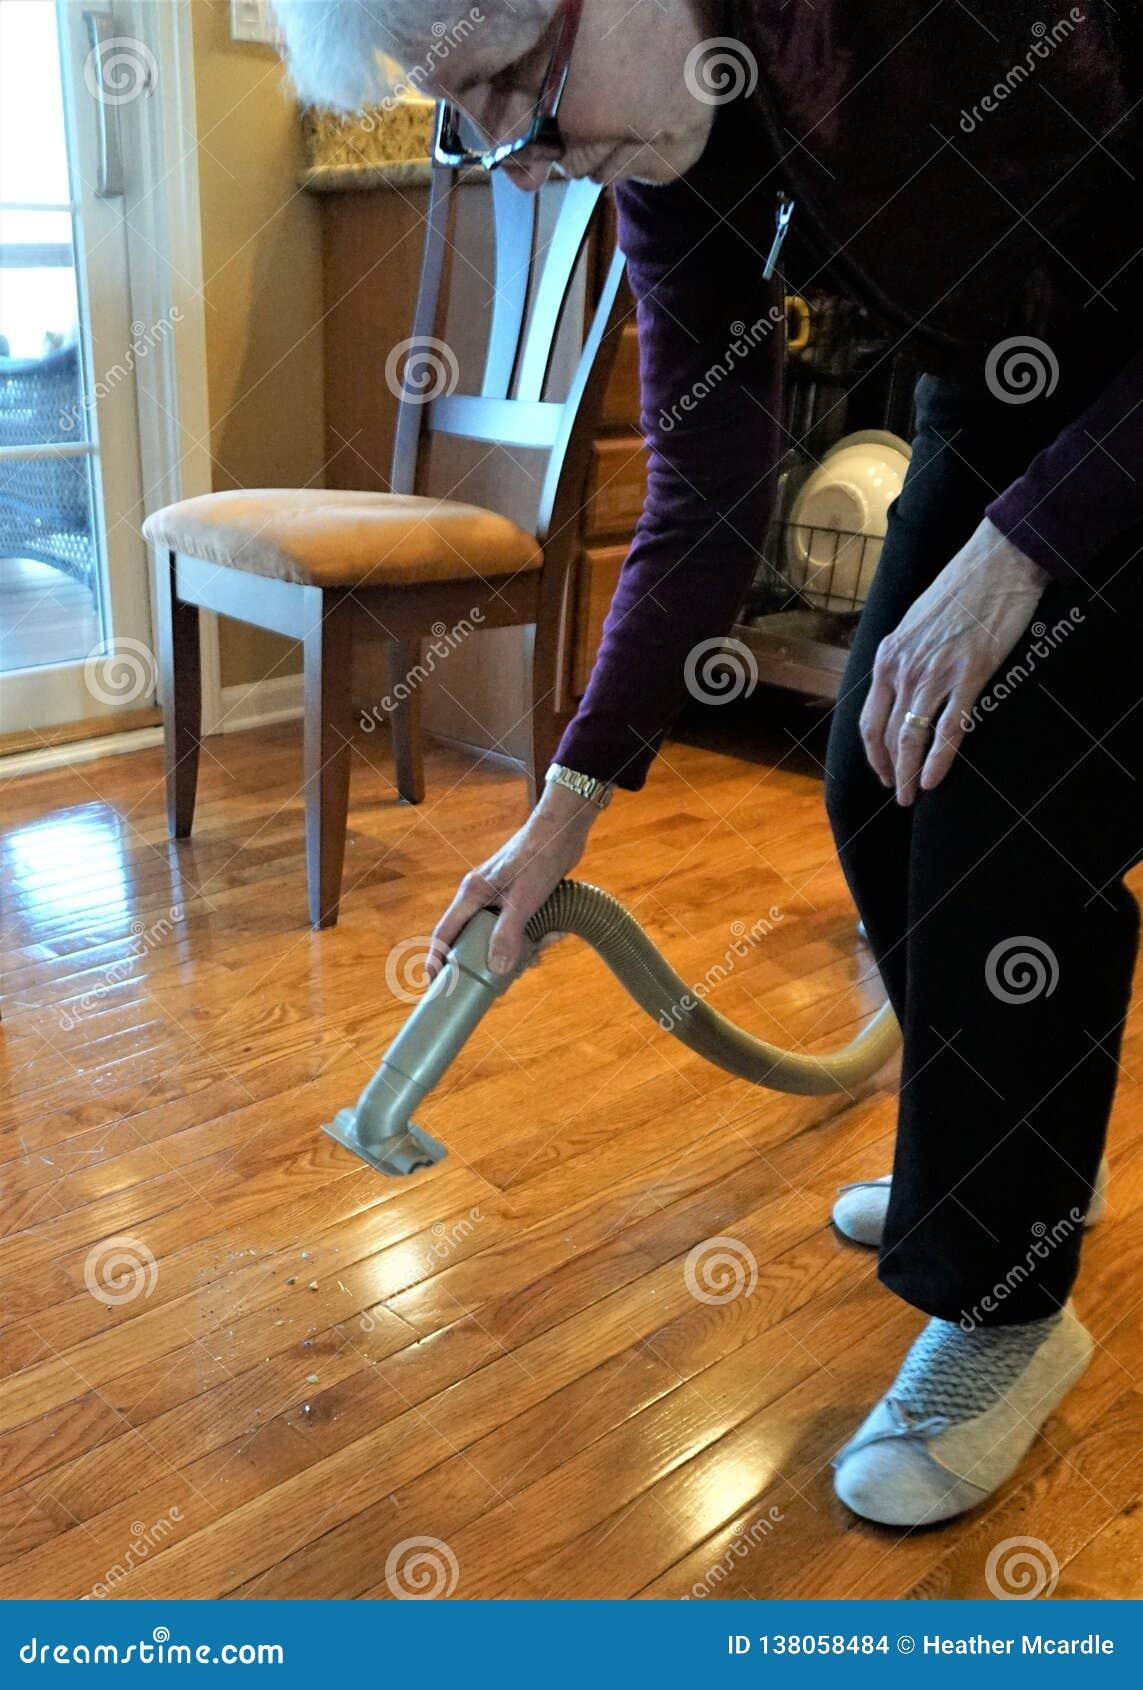 Frau hält Vakuum über schmutzigem Boden